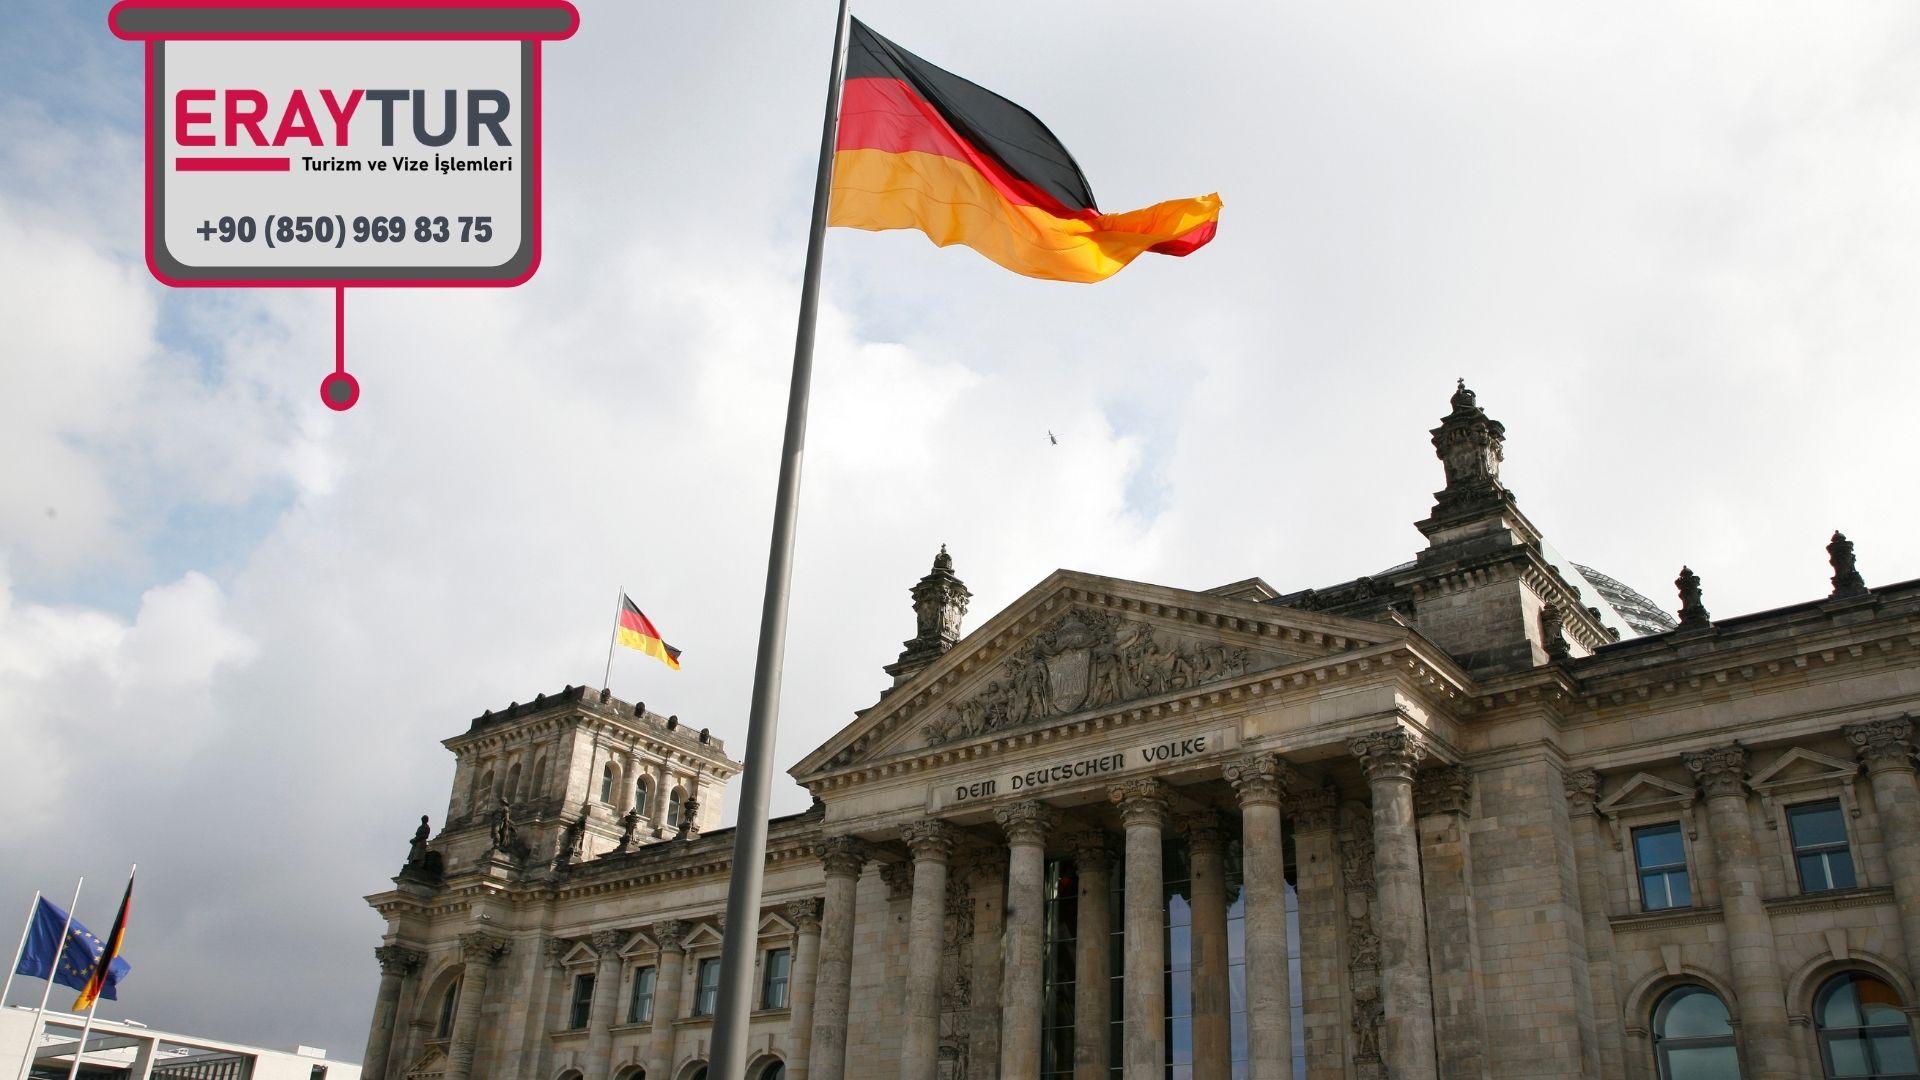 Almanya Turistik Vize İçin Verilmesi Gereken Avukat/Eczacı Evrakları